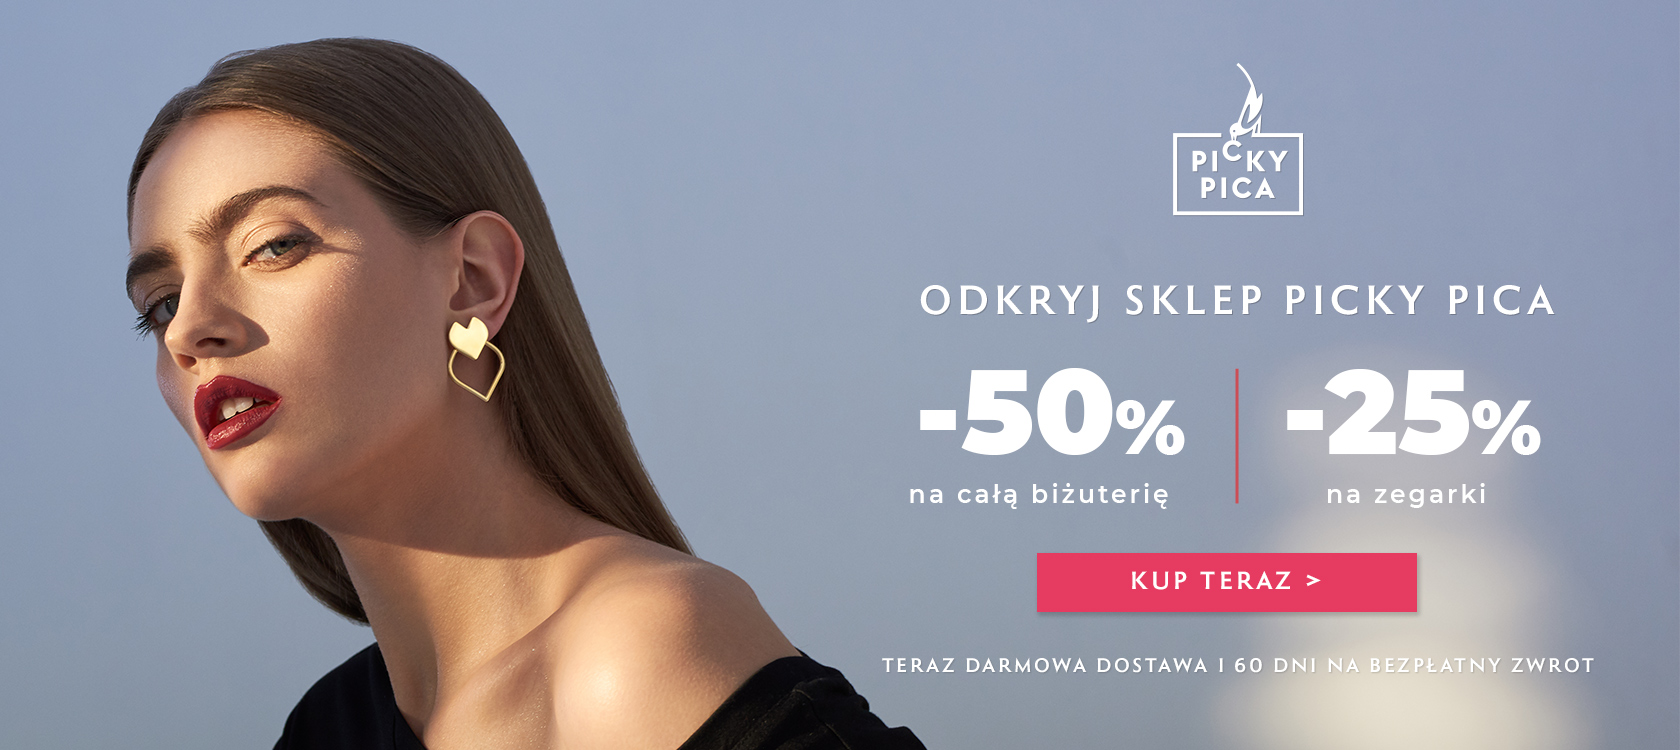 W.Kruk: 50% rabatu na całą biżuterię i 25% rabatu na zegarki Picky Pica